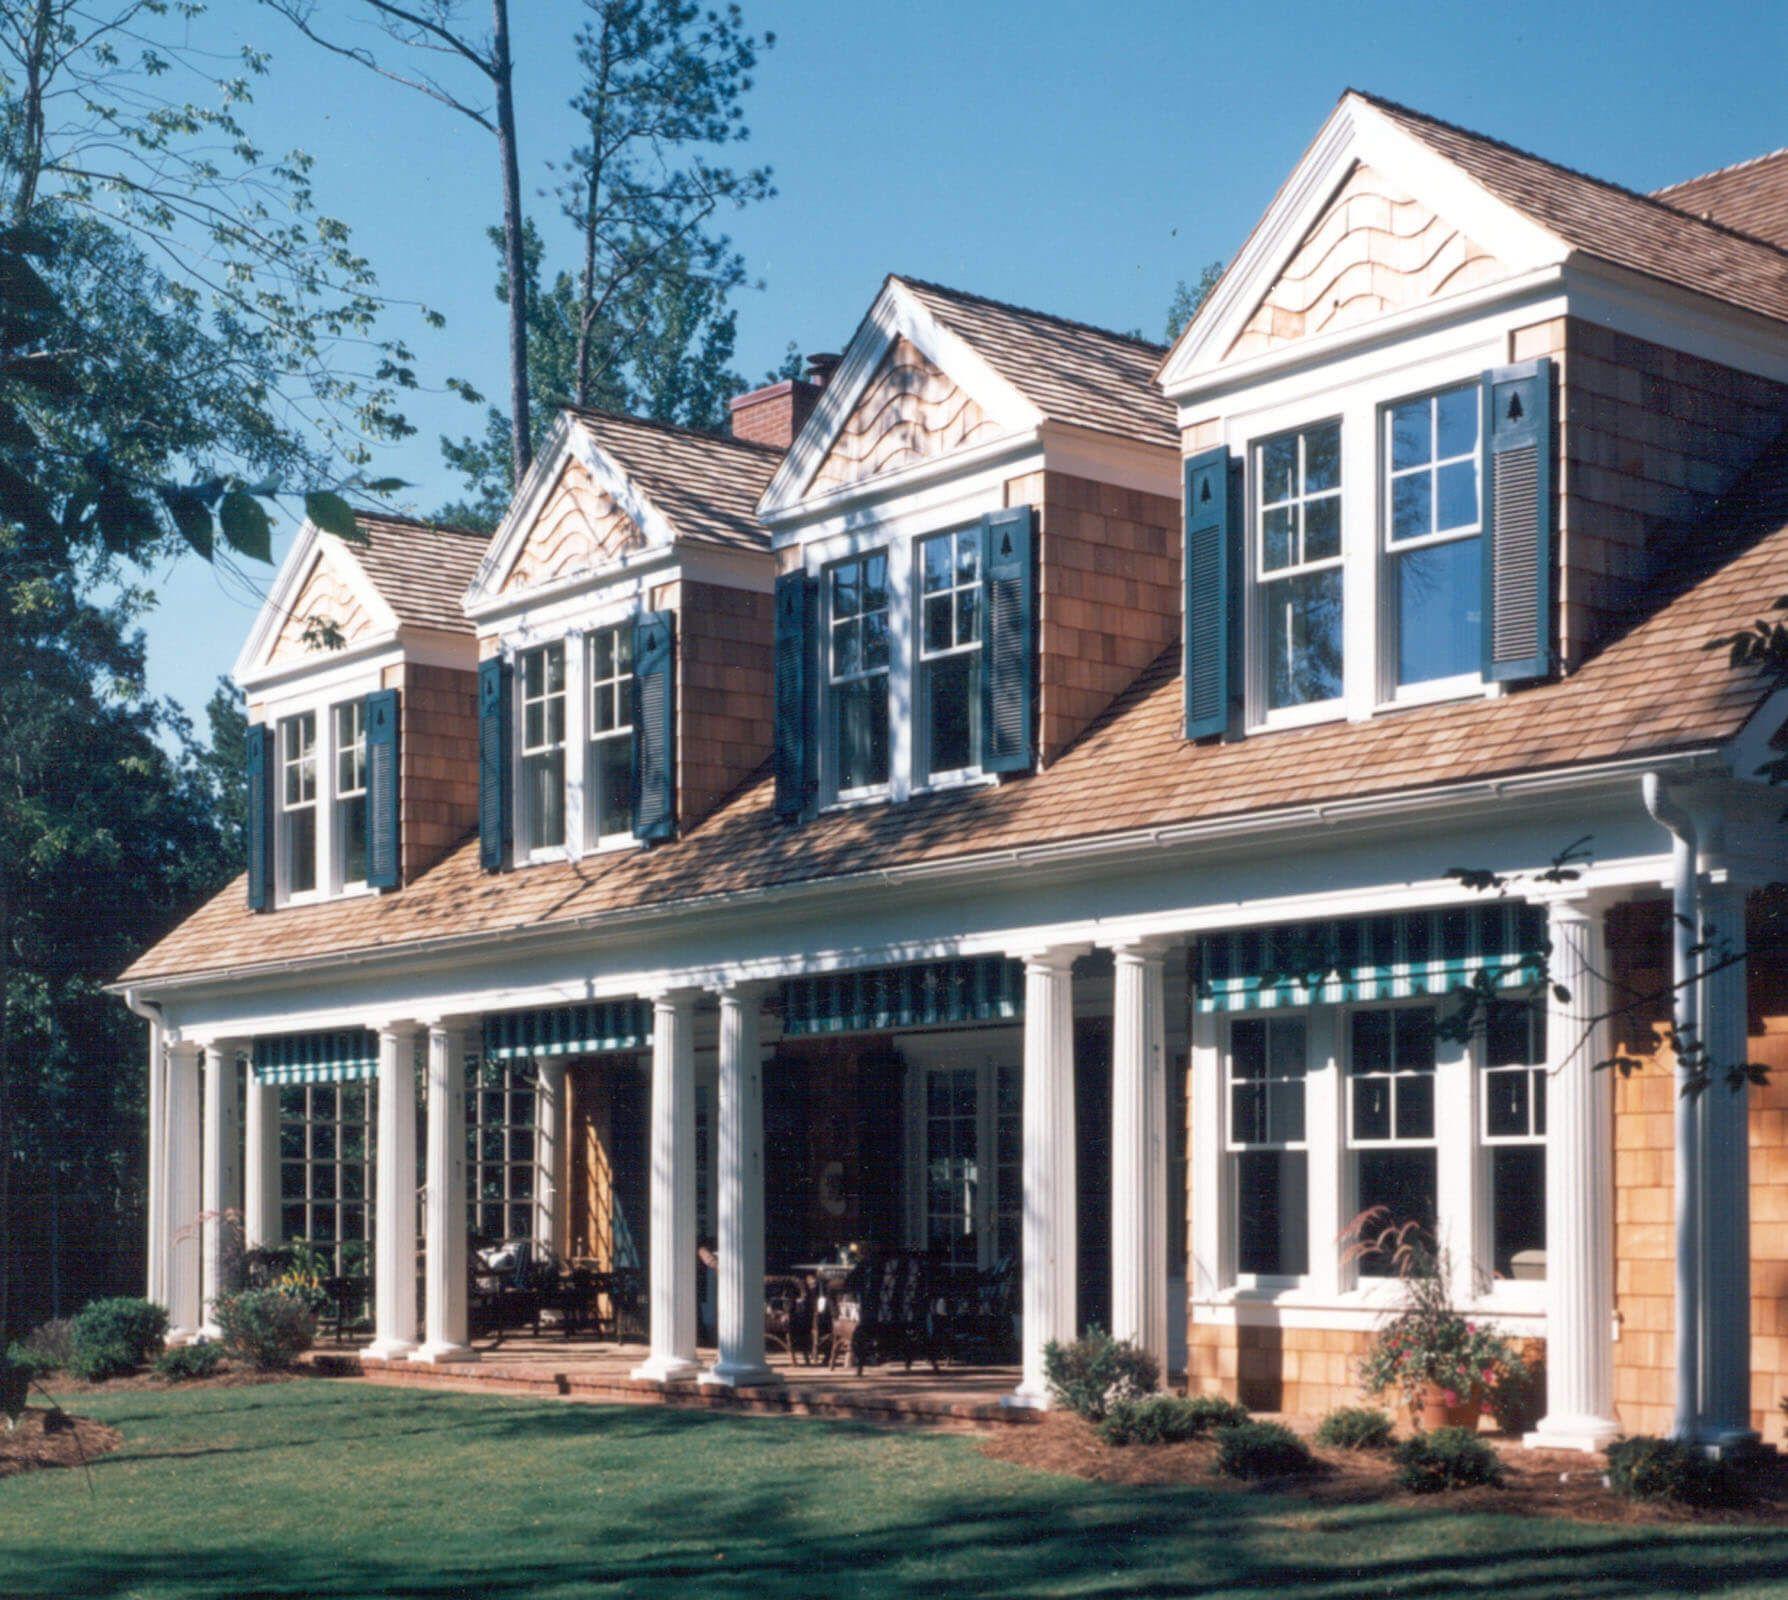 Life magazine dream house plans for Dream home designs